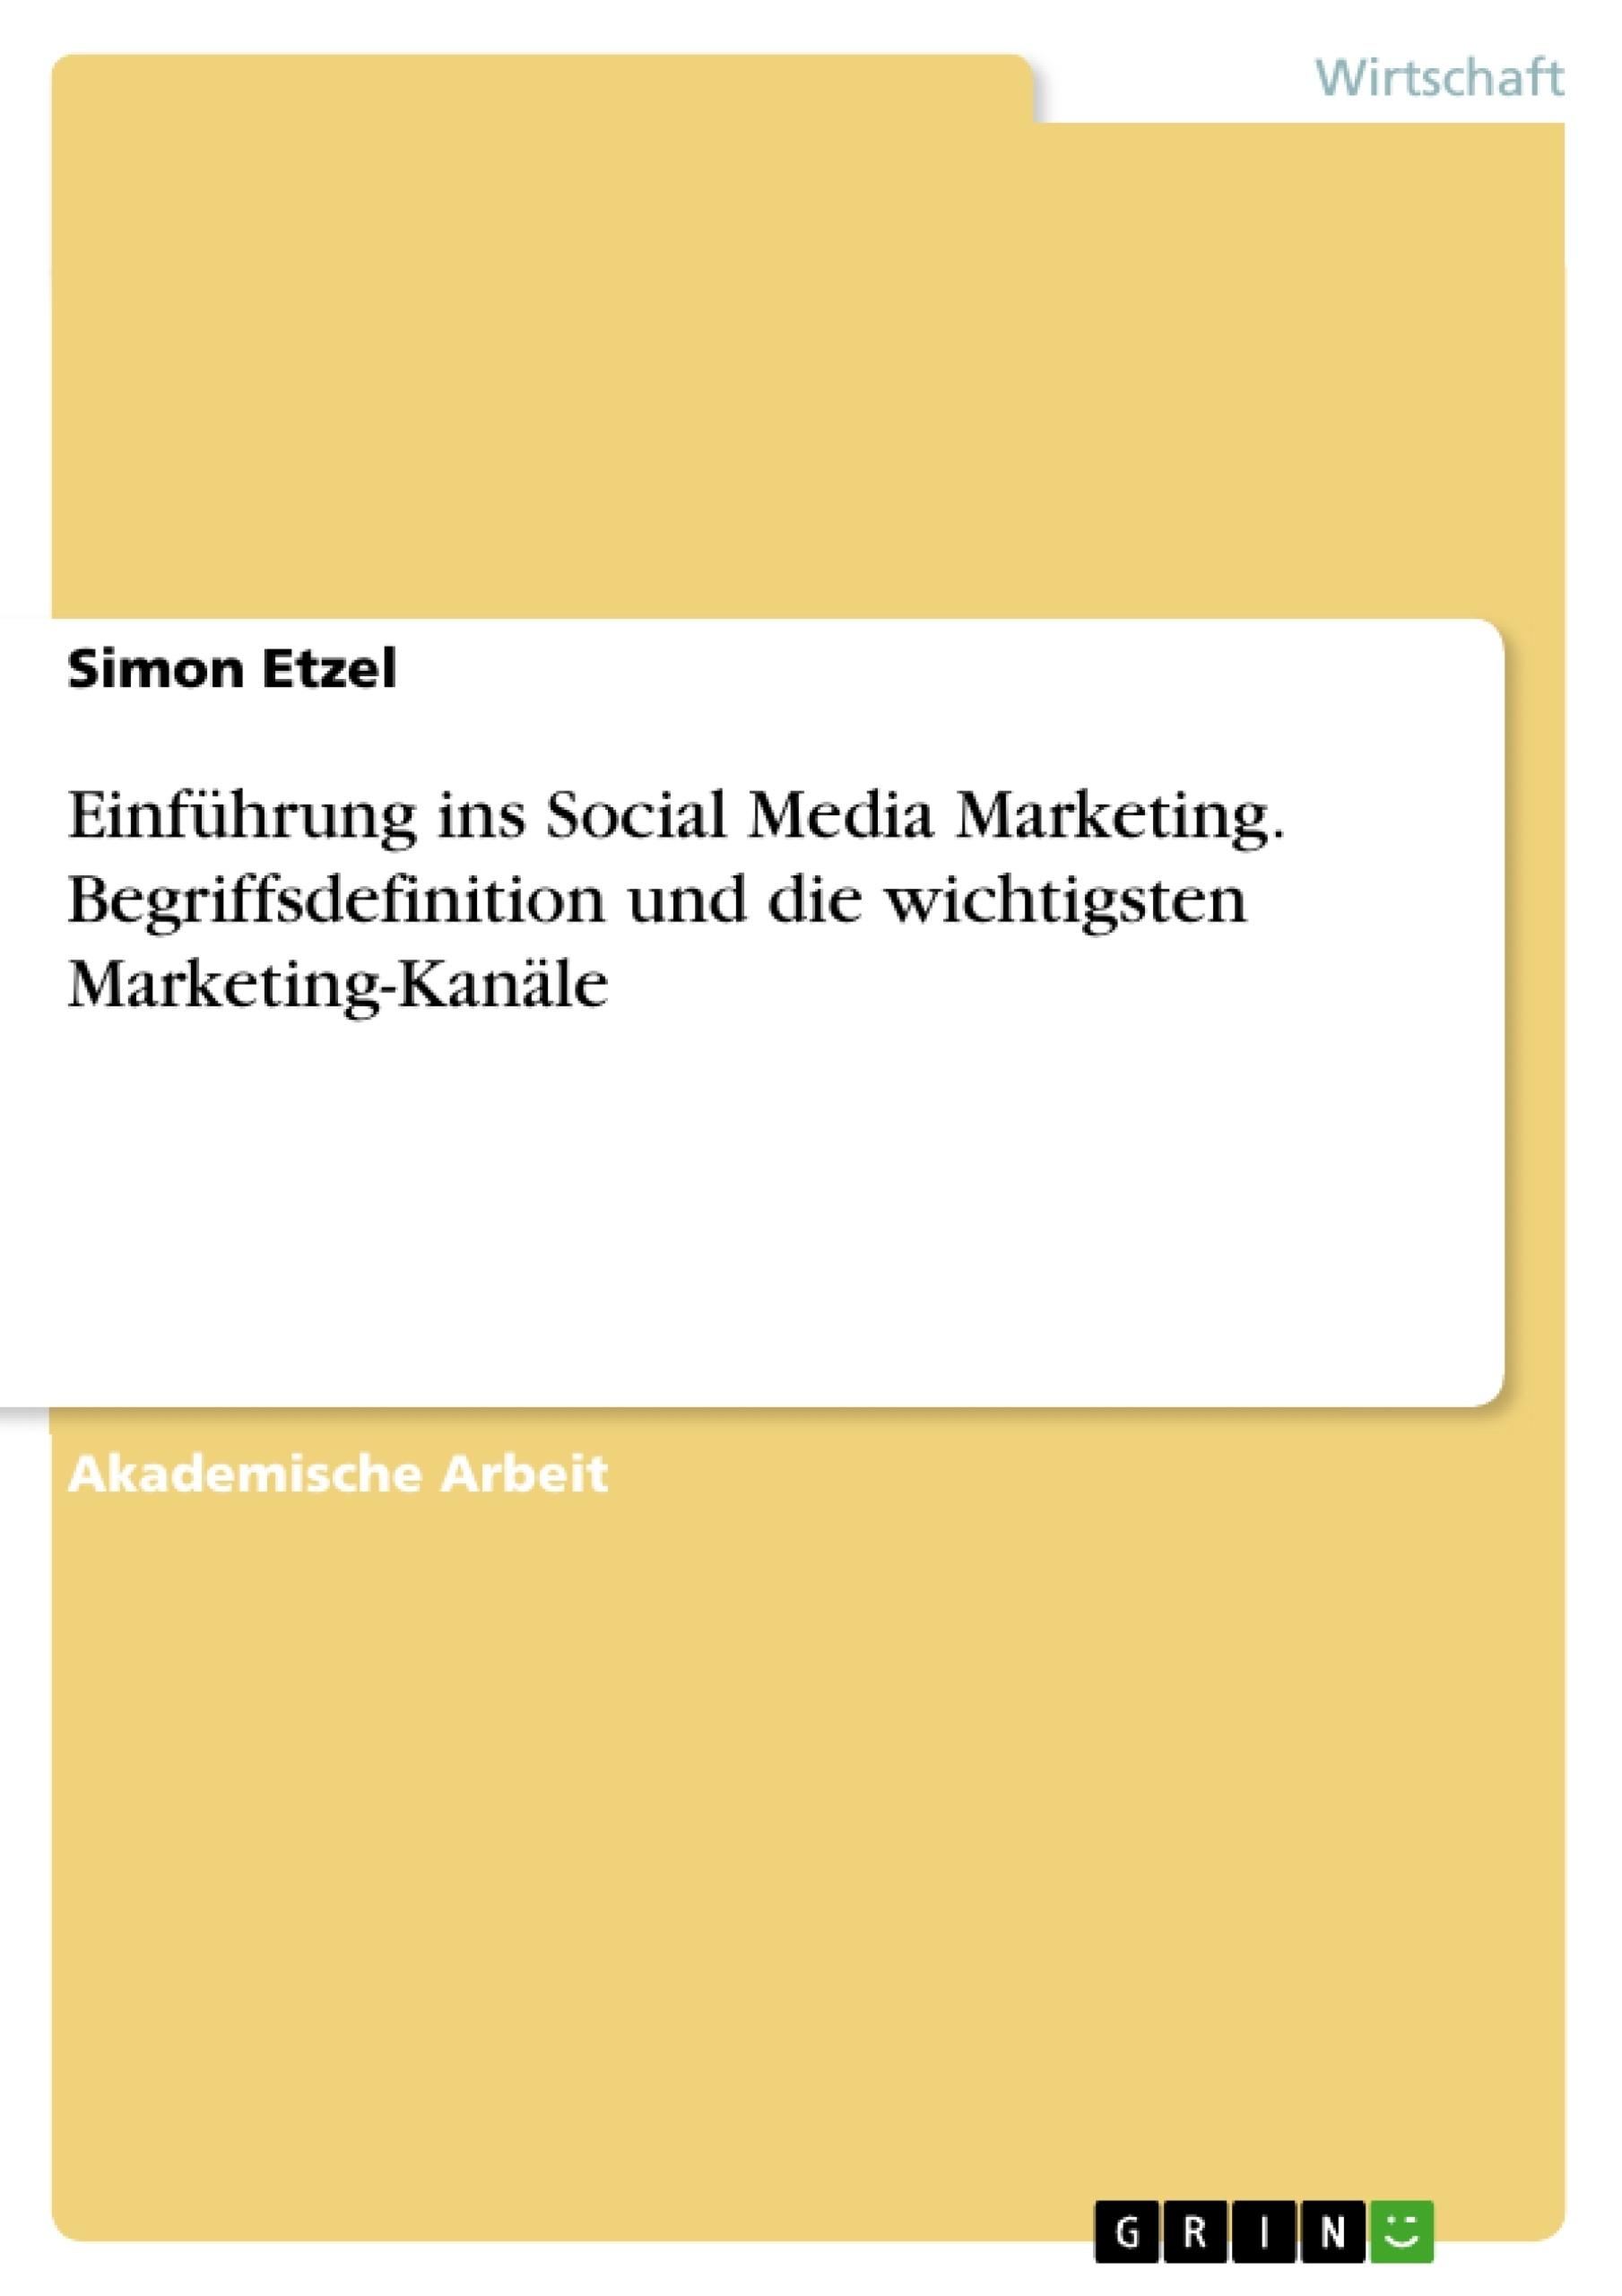 Titel: Einführung ins Social Media Marketing. Begriffsdefinition und die wichtigsten Marketing-Kanäle